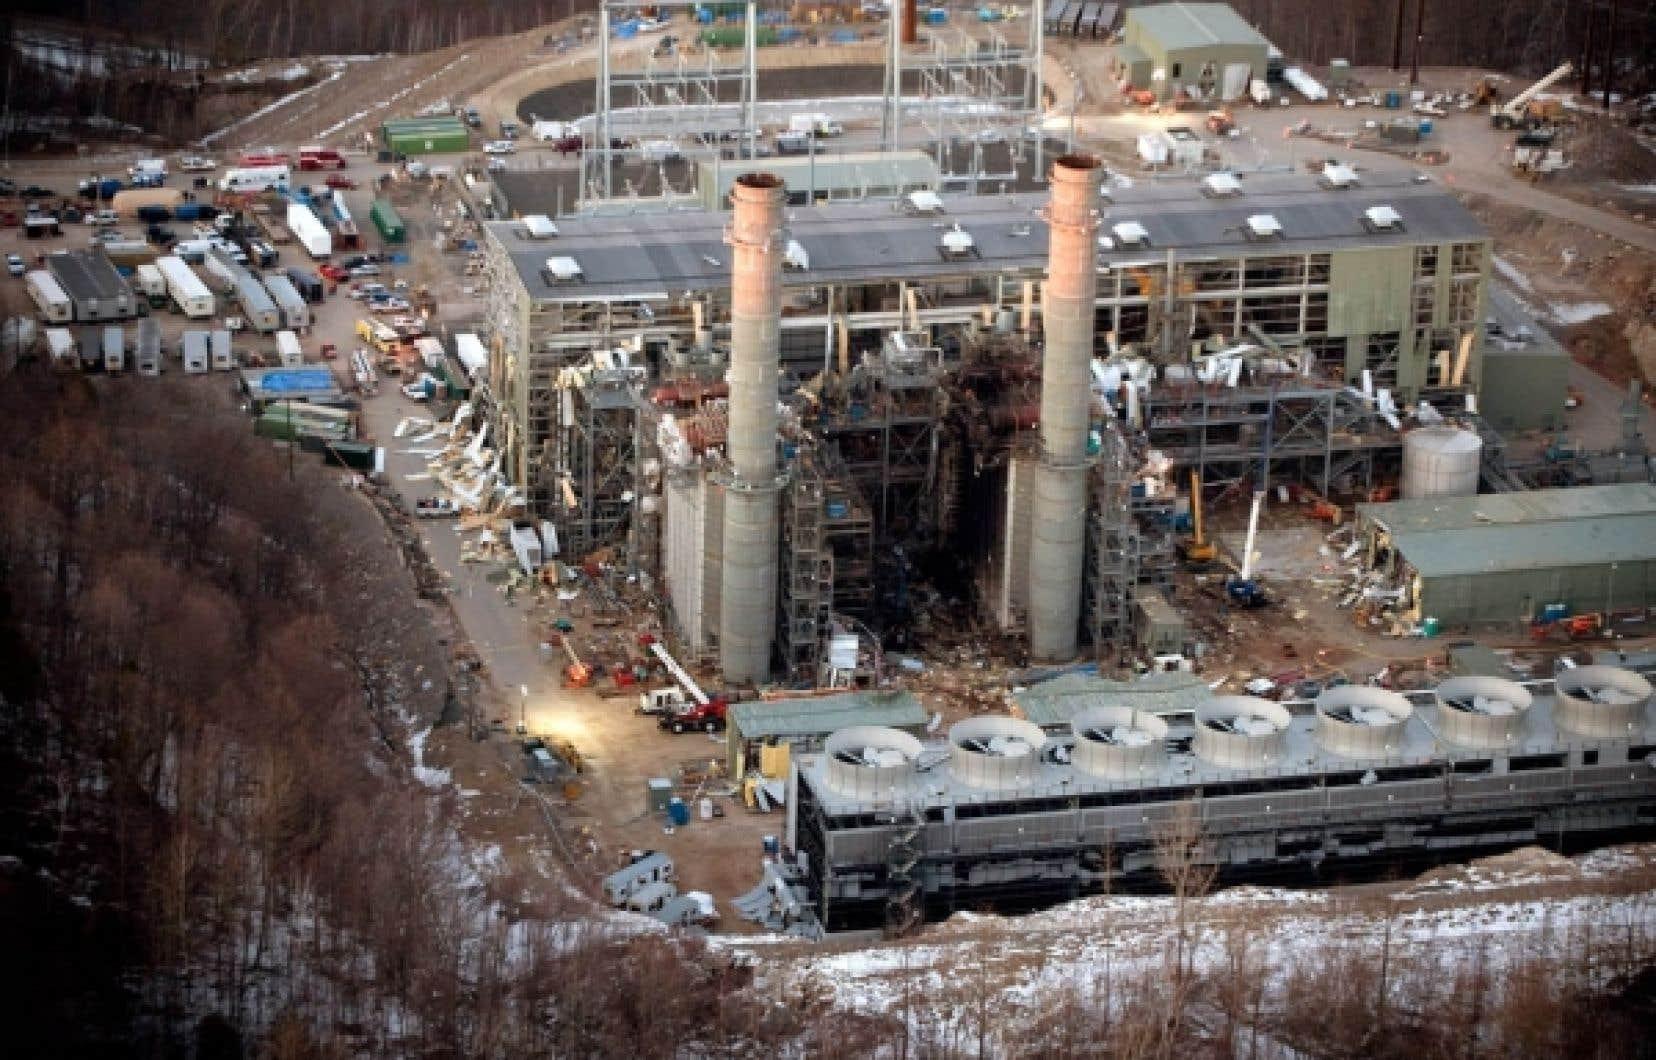 L'installation qui a explosé est une centrale électrique alimentée au gaz, d'une puissance de 620 mégawatts, qui devait entrer en service prochainement.